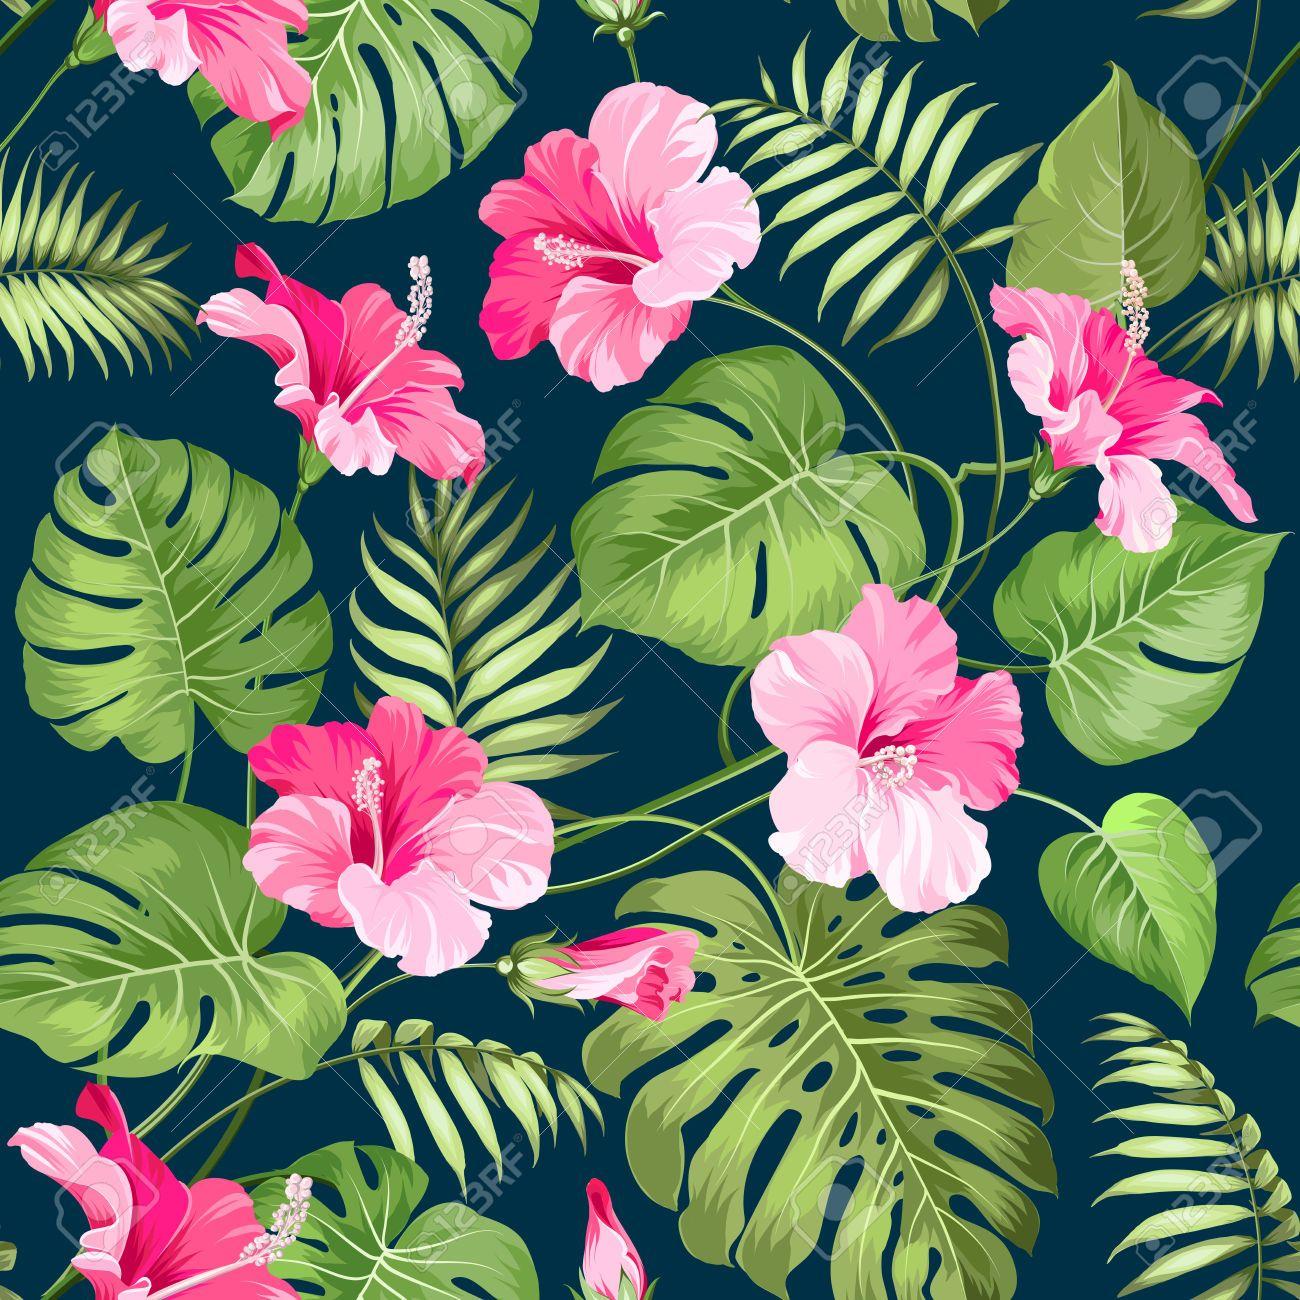 Ilustraciones Flores Tropicales